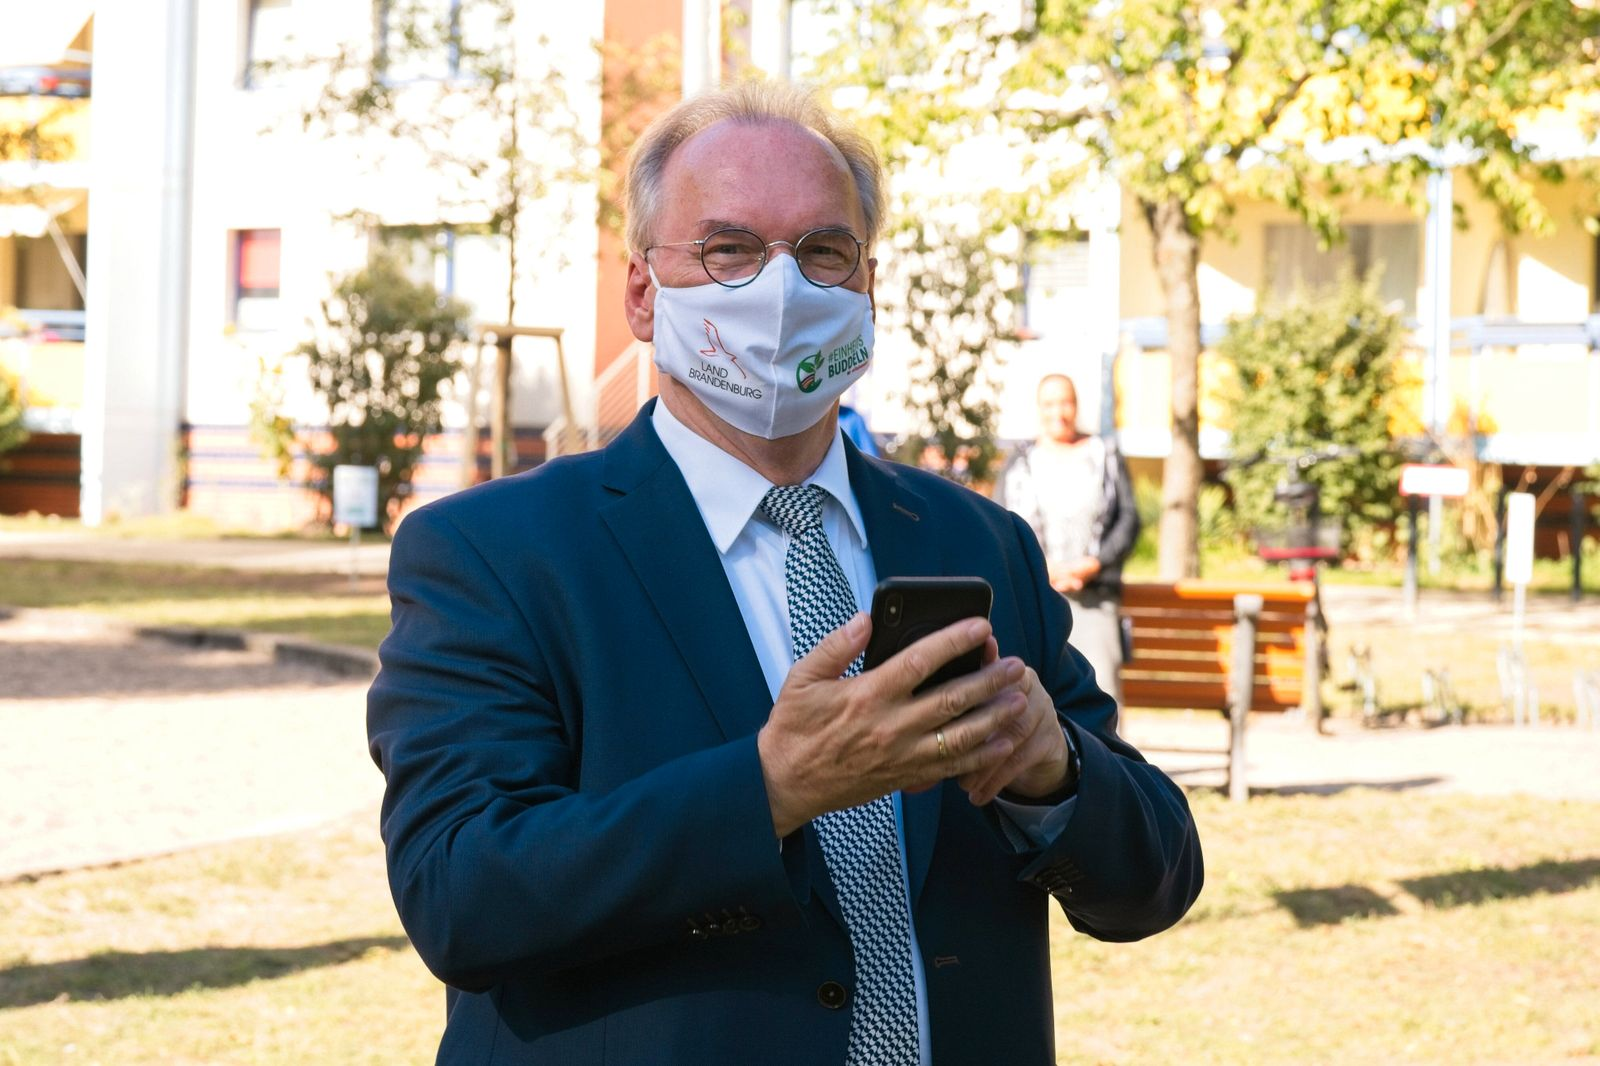 Potsdam GER, Potsdam, 18.09.20, Einheitsbuddeln Reiner Erich Haseloff - Ministerpraesident des Landes Sachsen-Anhalt, B